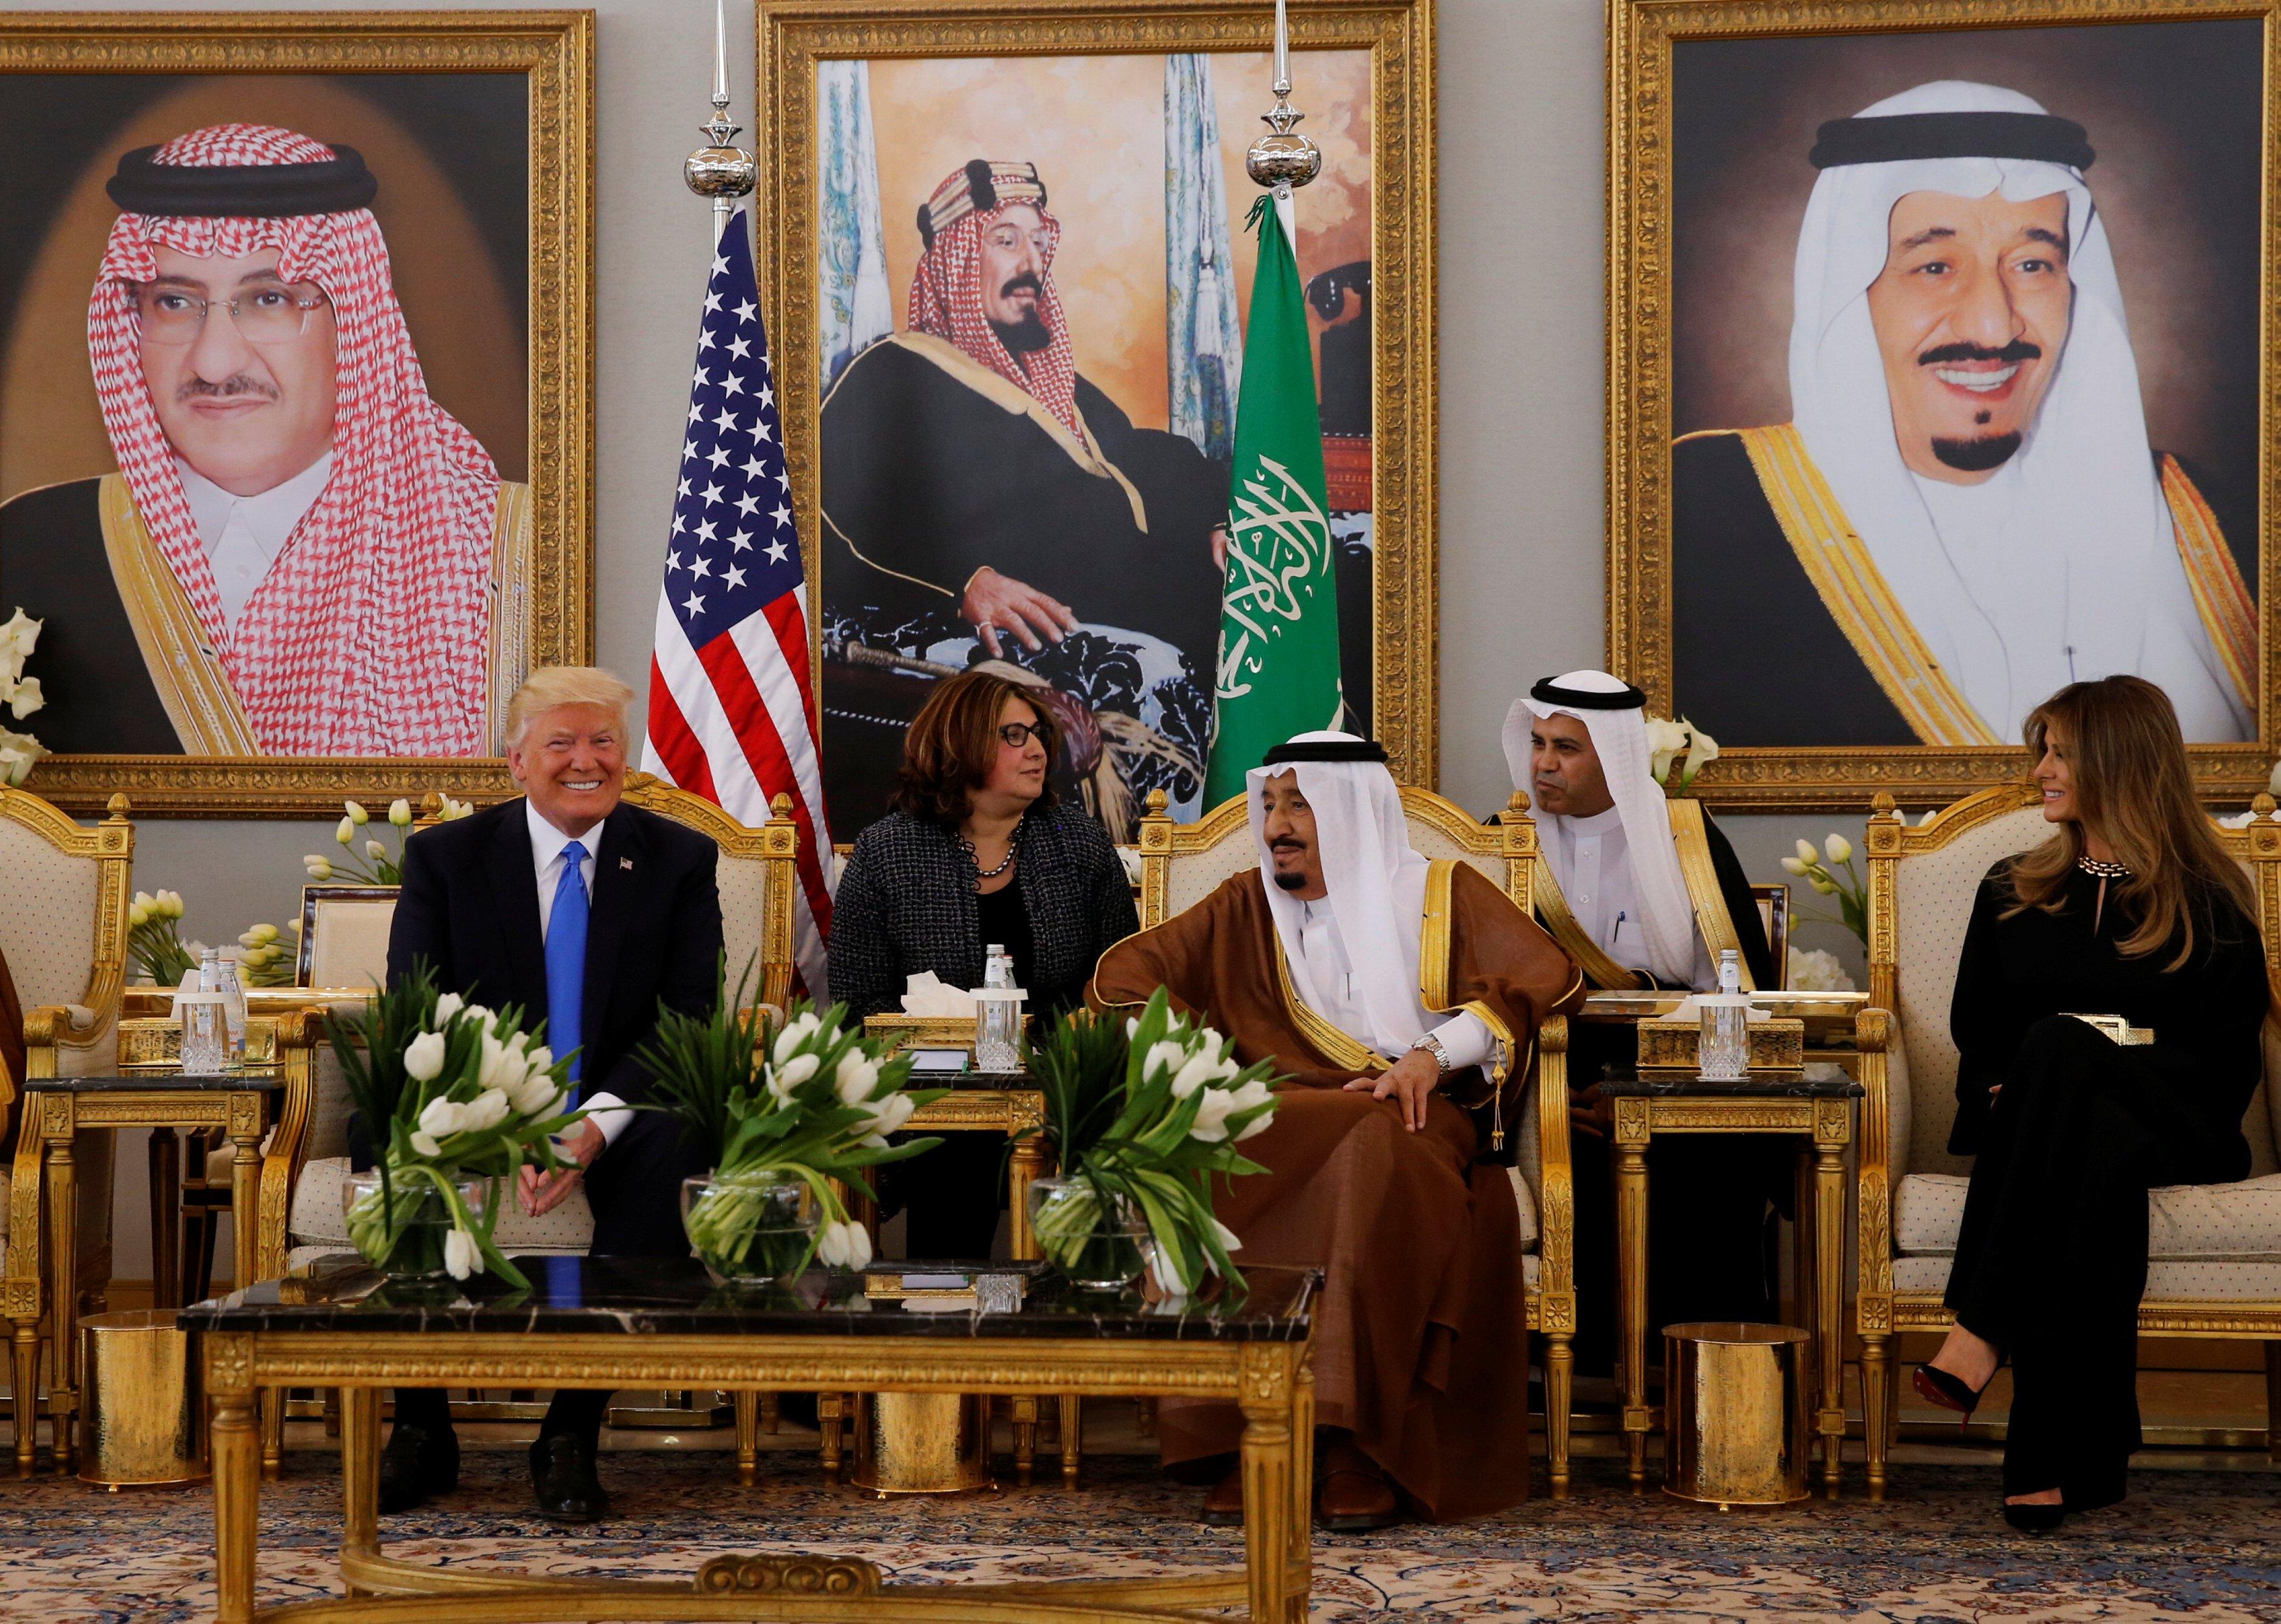 الملك سلمان وترامب وميلانيا عقب وصولهم للسعودية